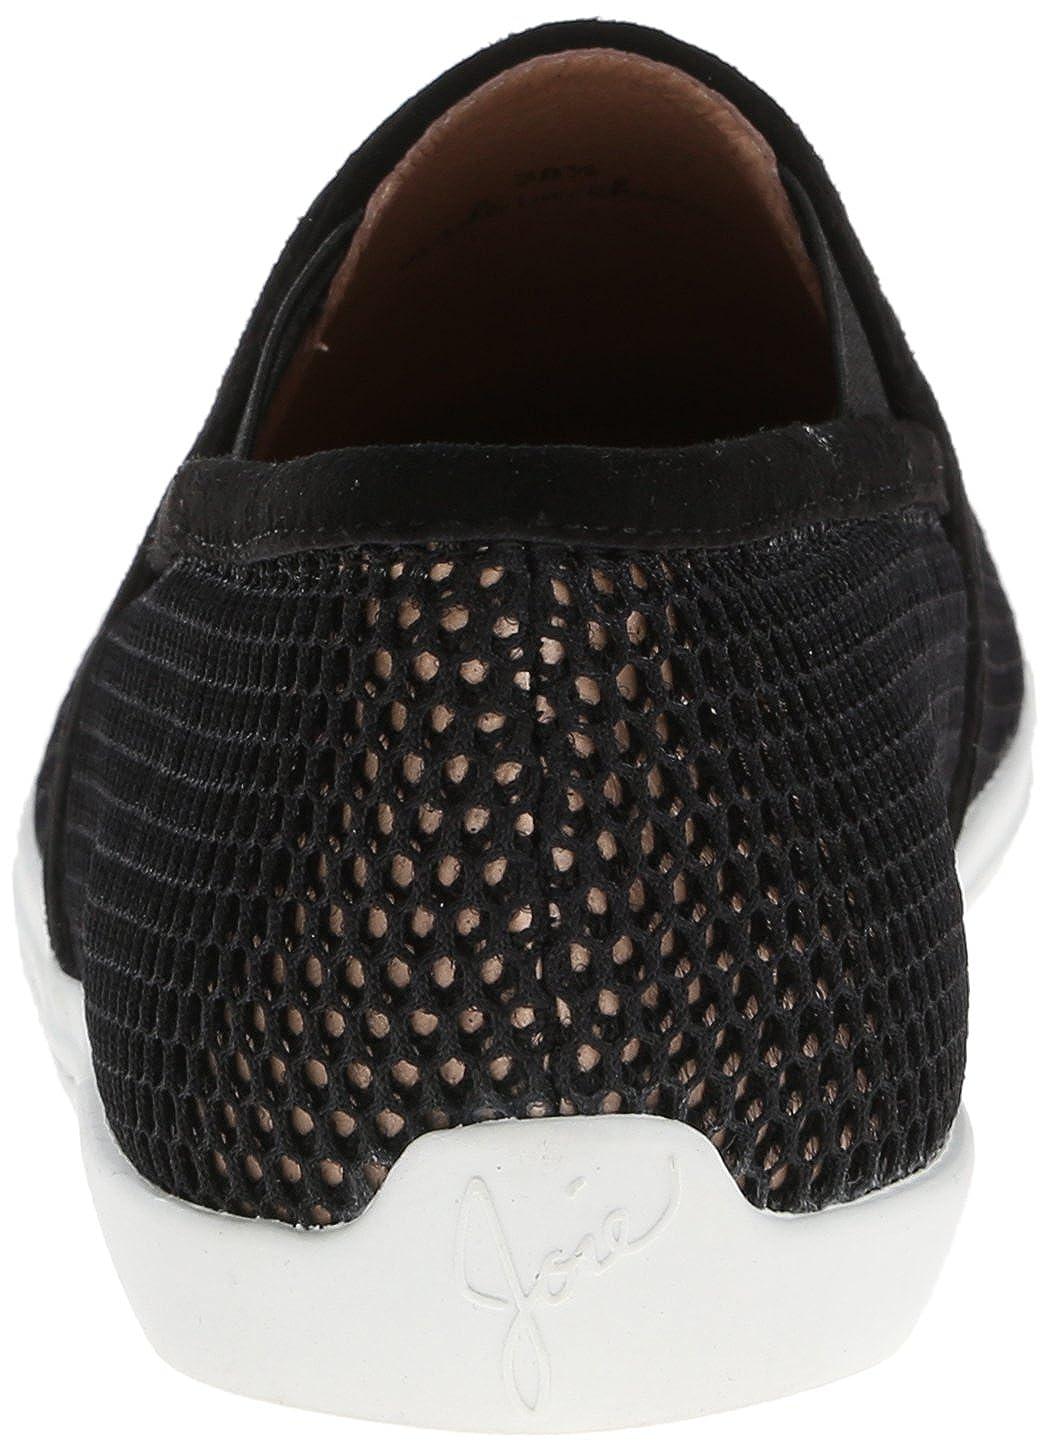 Joie Womens Kidmore Fashion Sneaker